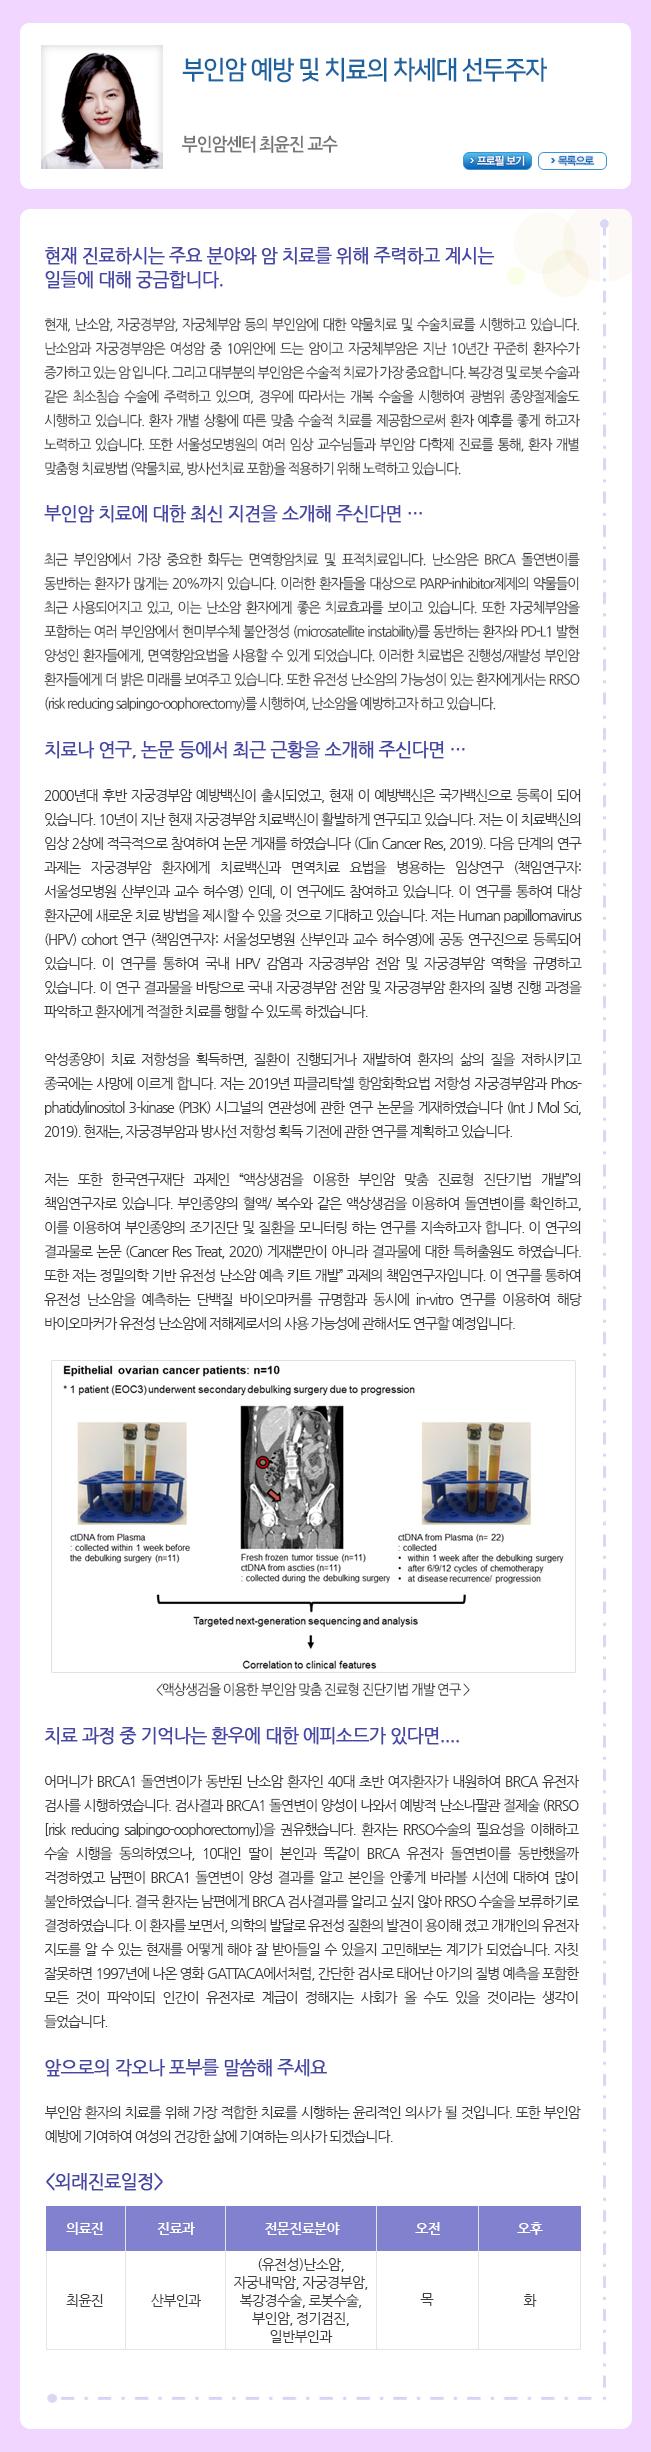 부인암 예방 및 치료의 차세대 선두주자 부인암센터 최윤진 교수